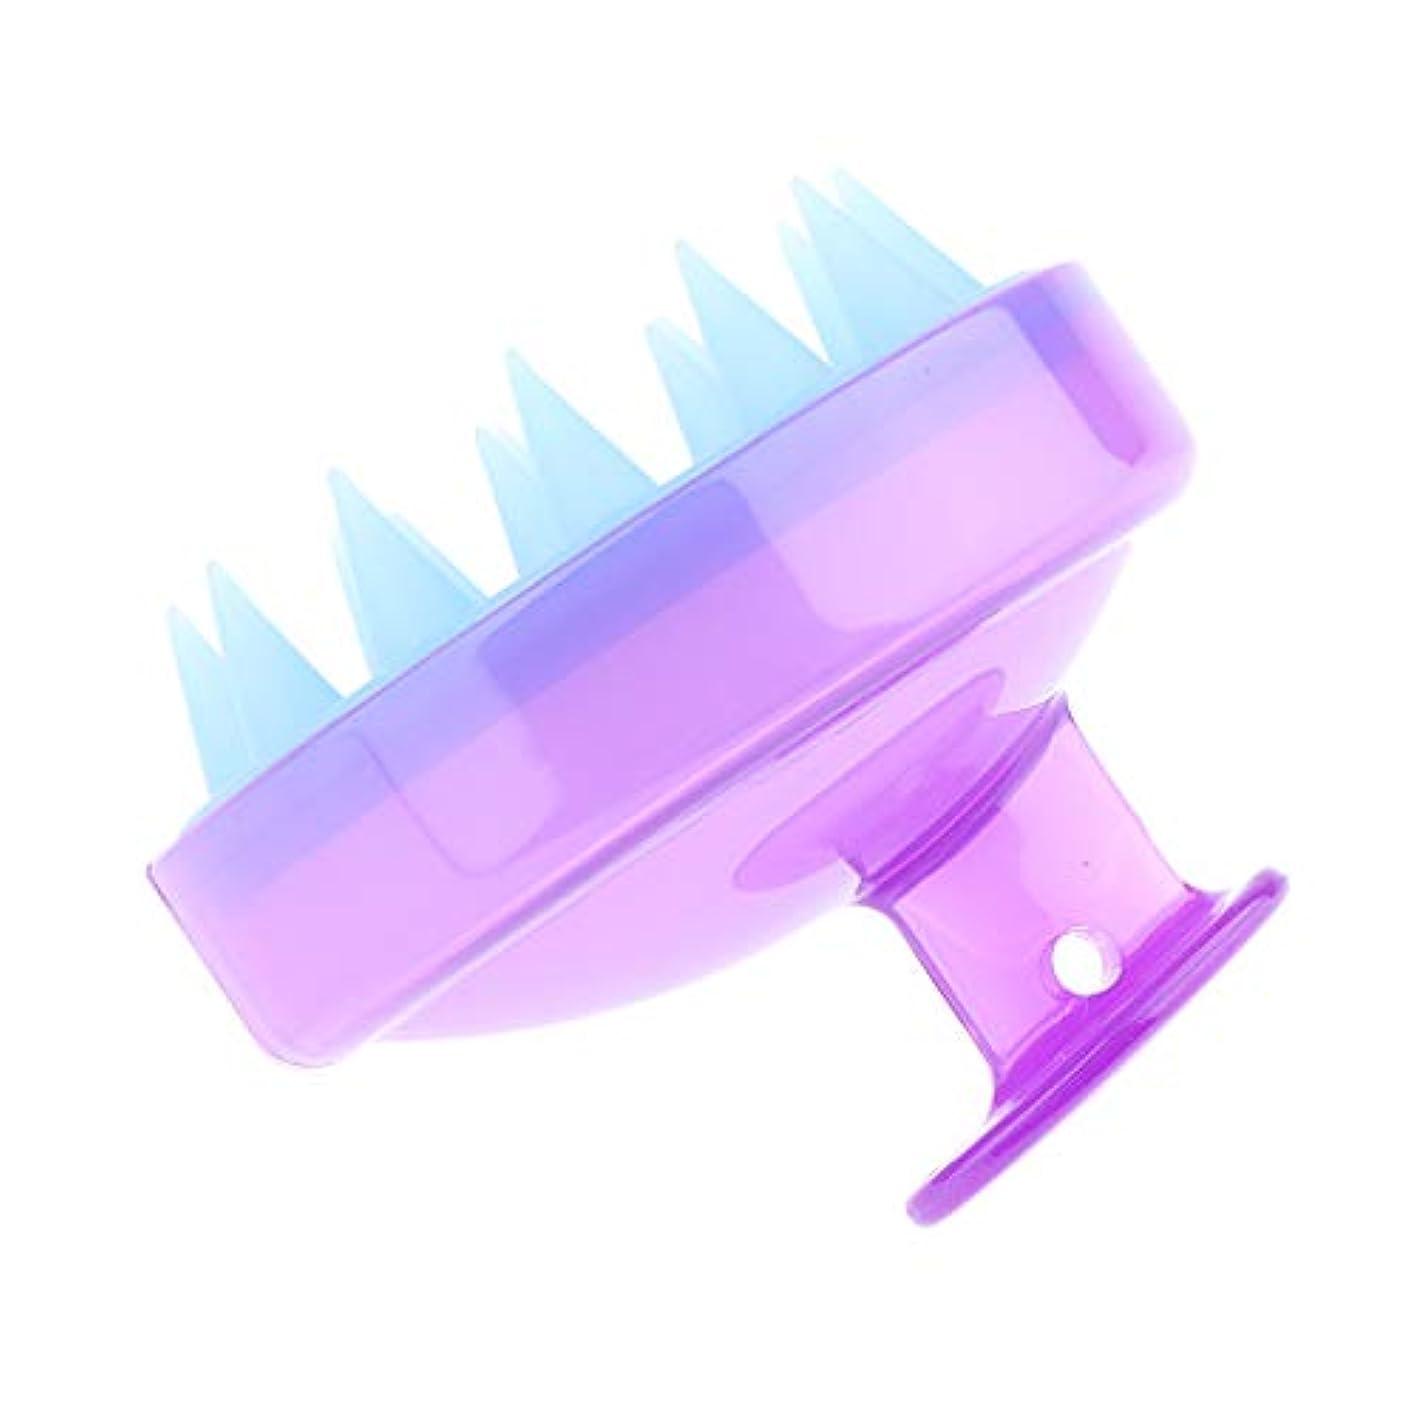 レザーのみ続けるB Blesiya シリコン シャワーシャンプーブラシ マッサージャー 防水 超軽量 多色選べ - クリアパープル